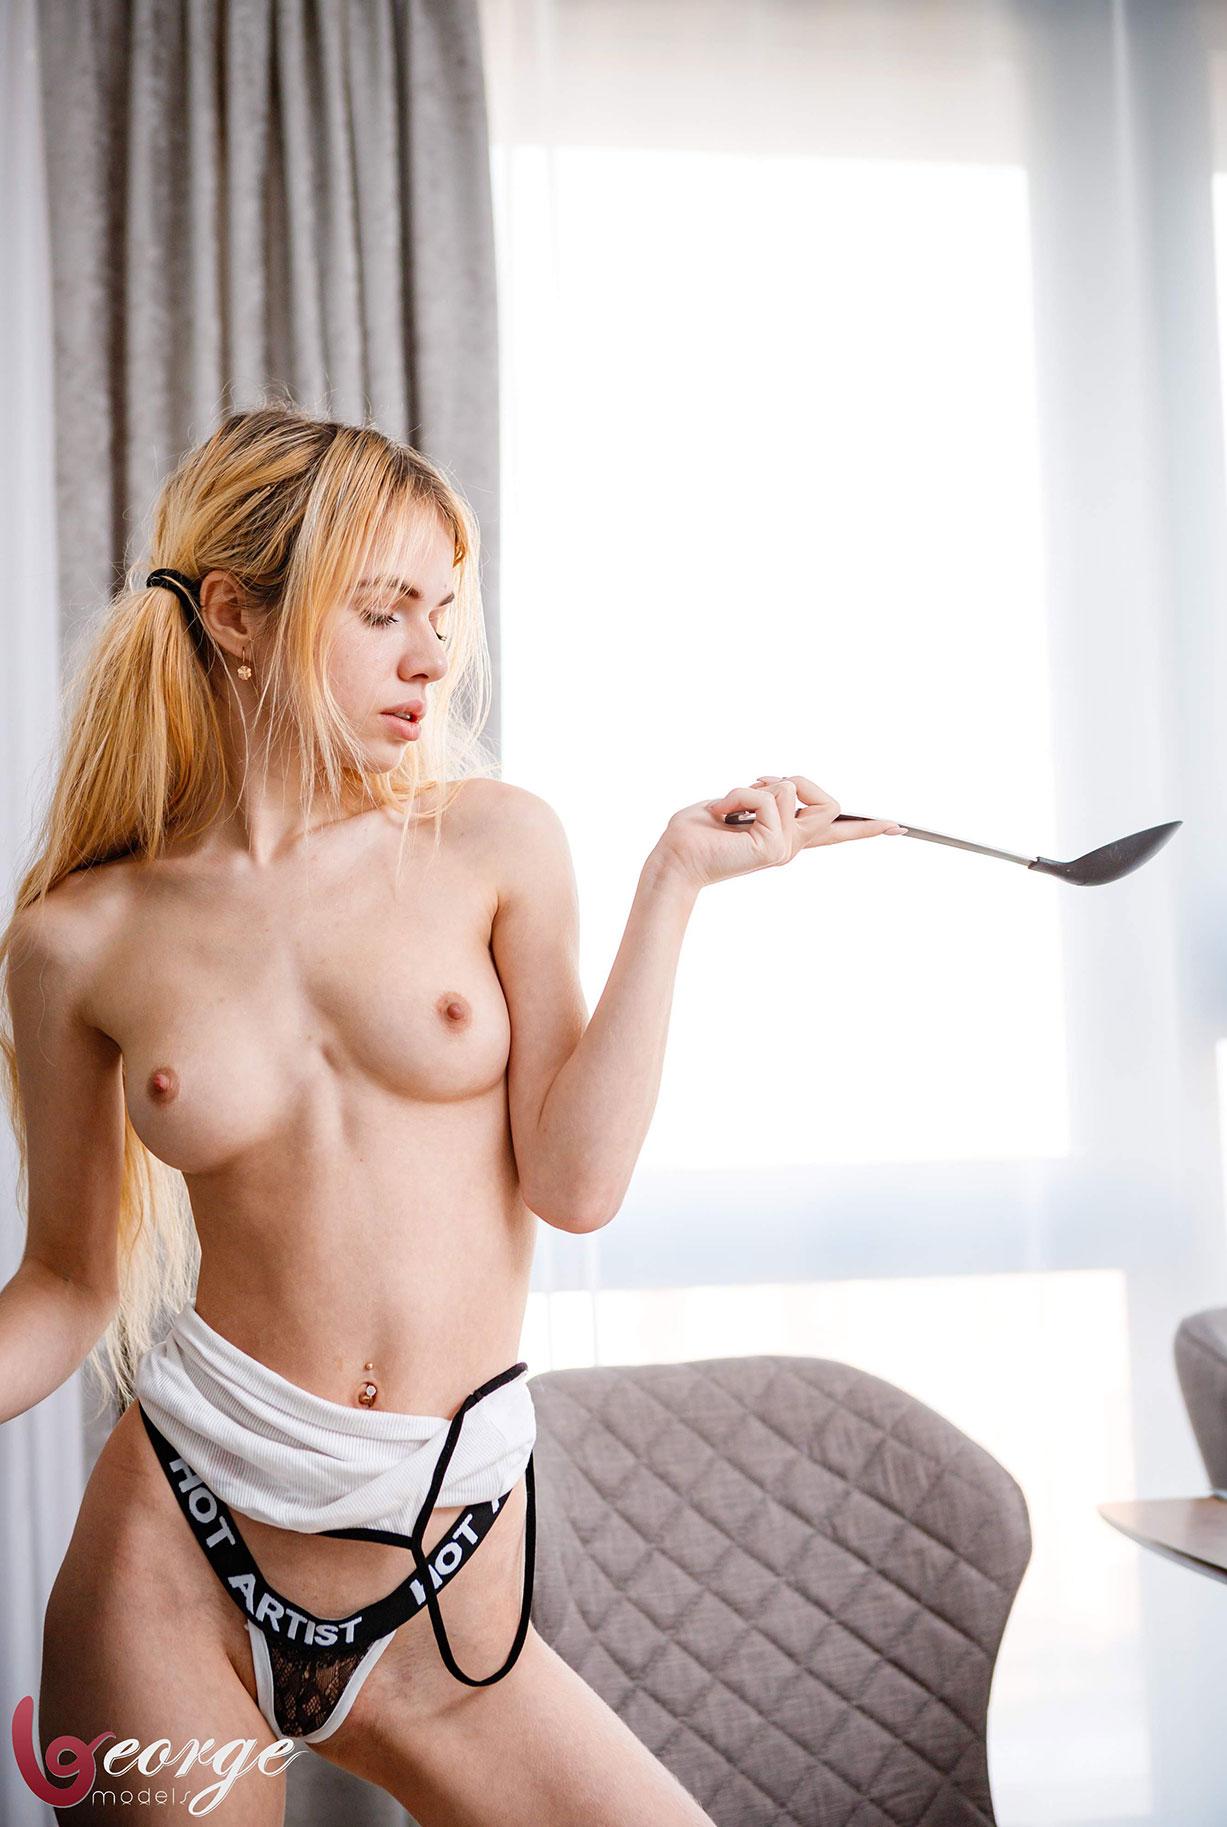 Саша Смелова готовит пиццу и развлекается с ней / фото 11